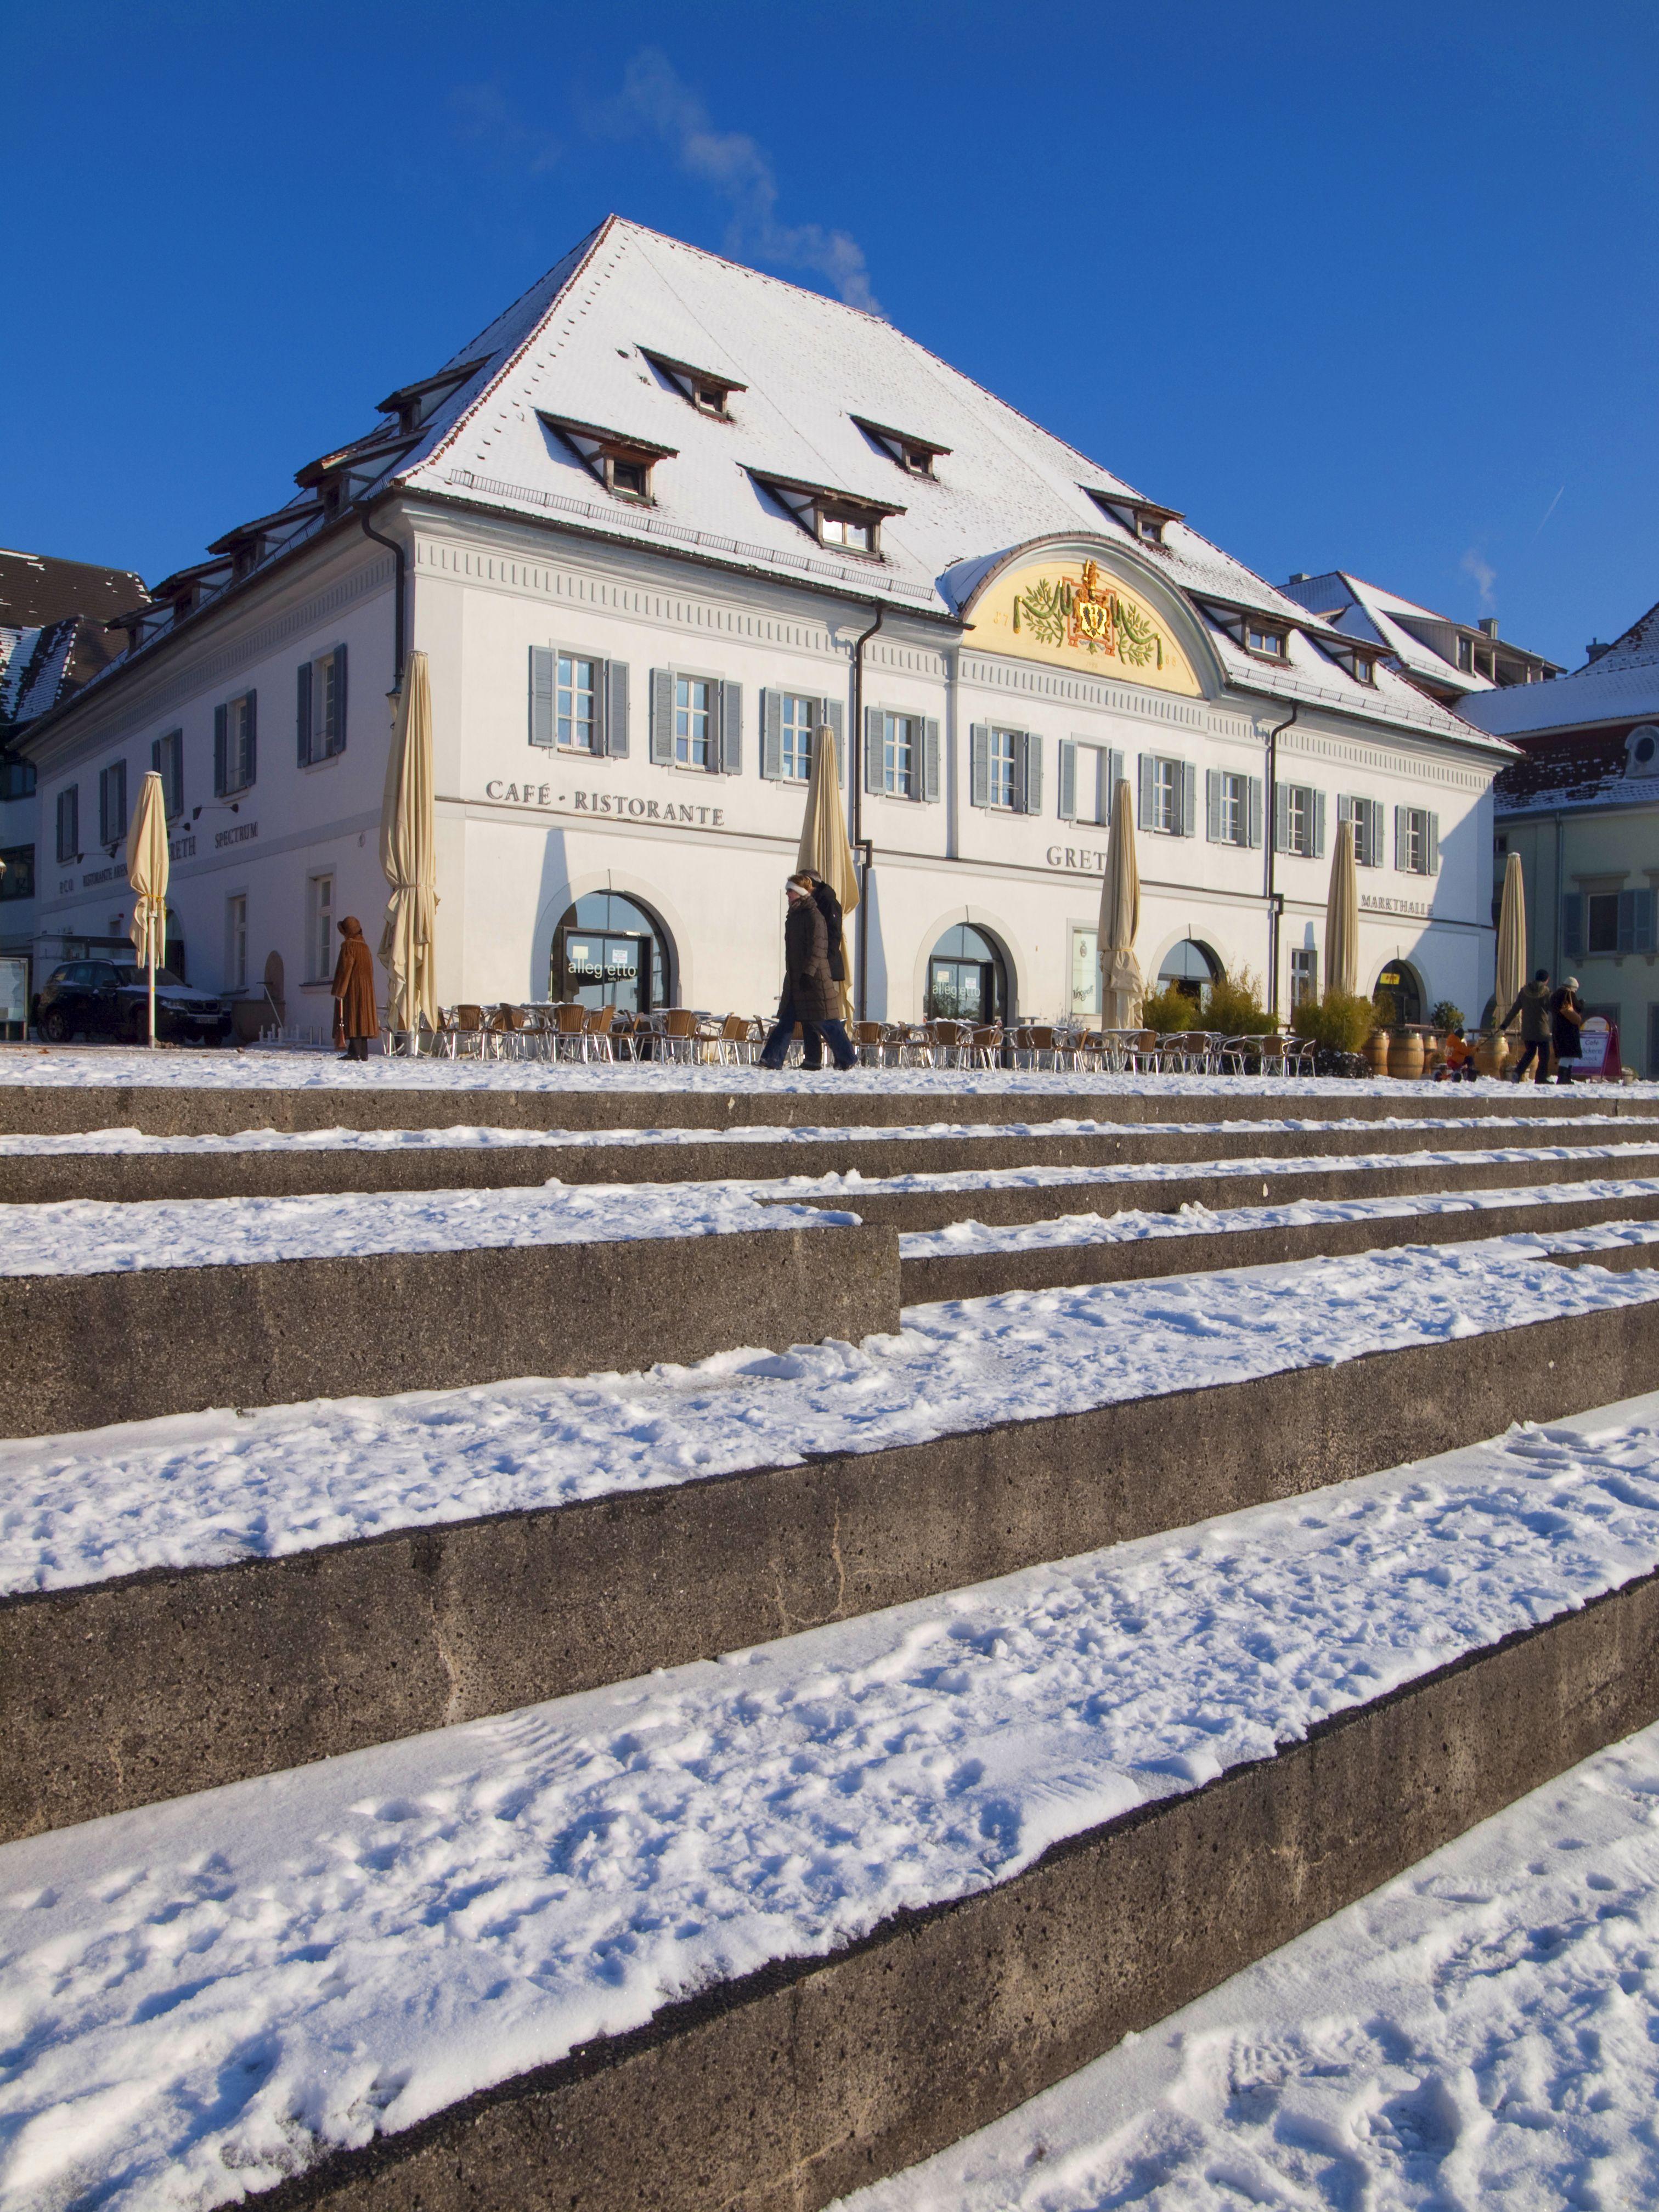 Die Greth In Uberlingen Am Bodensee Im Winter Bodensee Bodensee Urlaub Schwabisches Meer